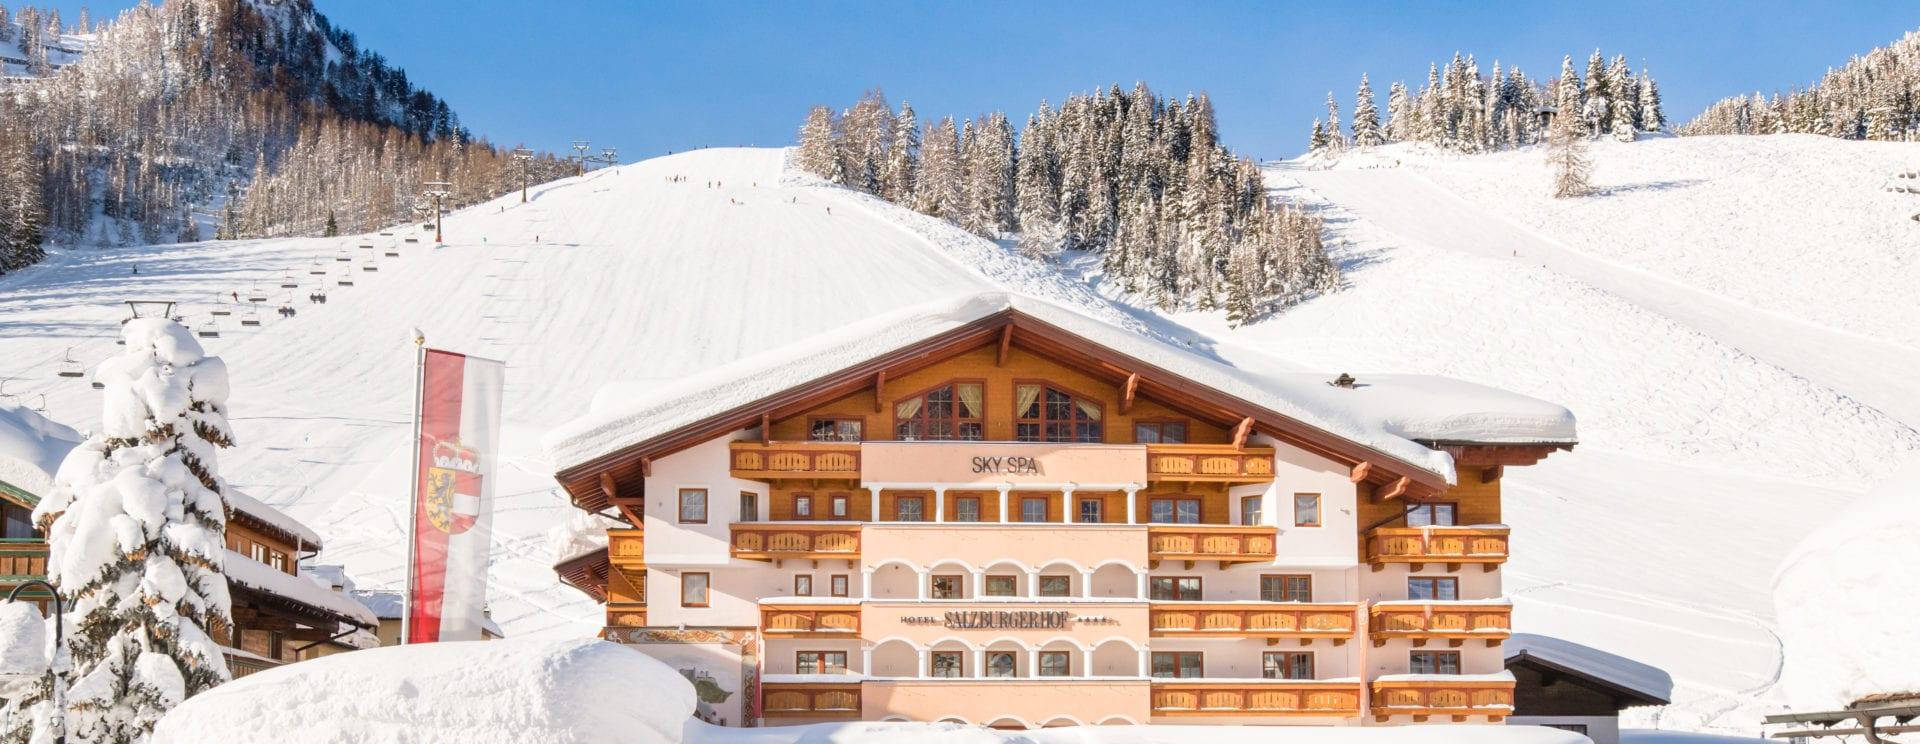 zauchensee-salzburgerhof-winter-hotel (14)